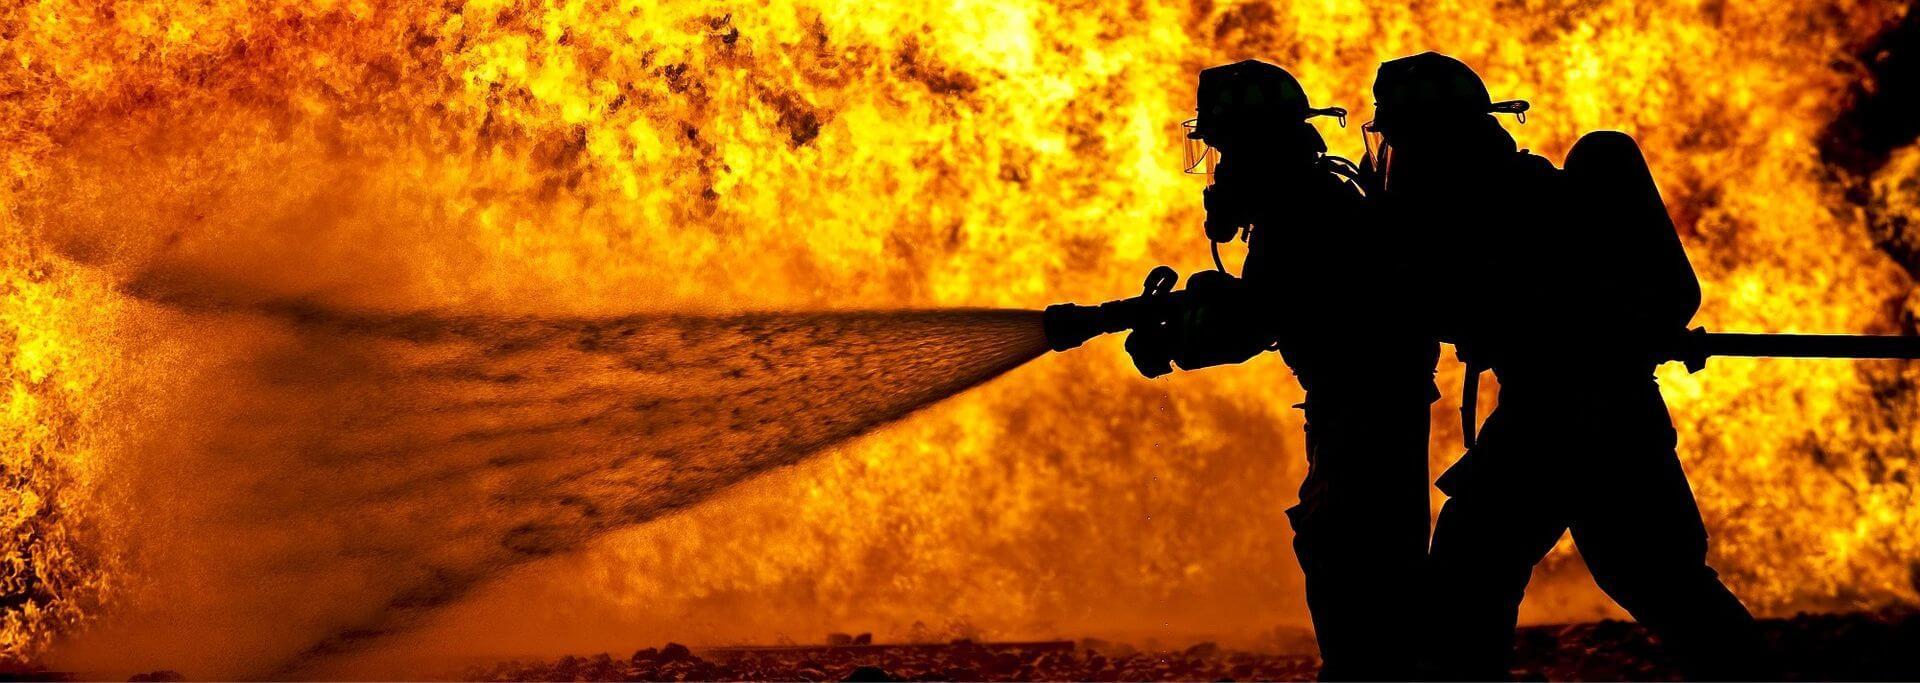 bombeiros apagando o fogo